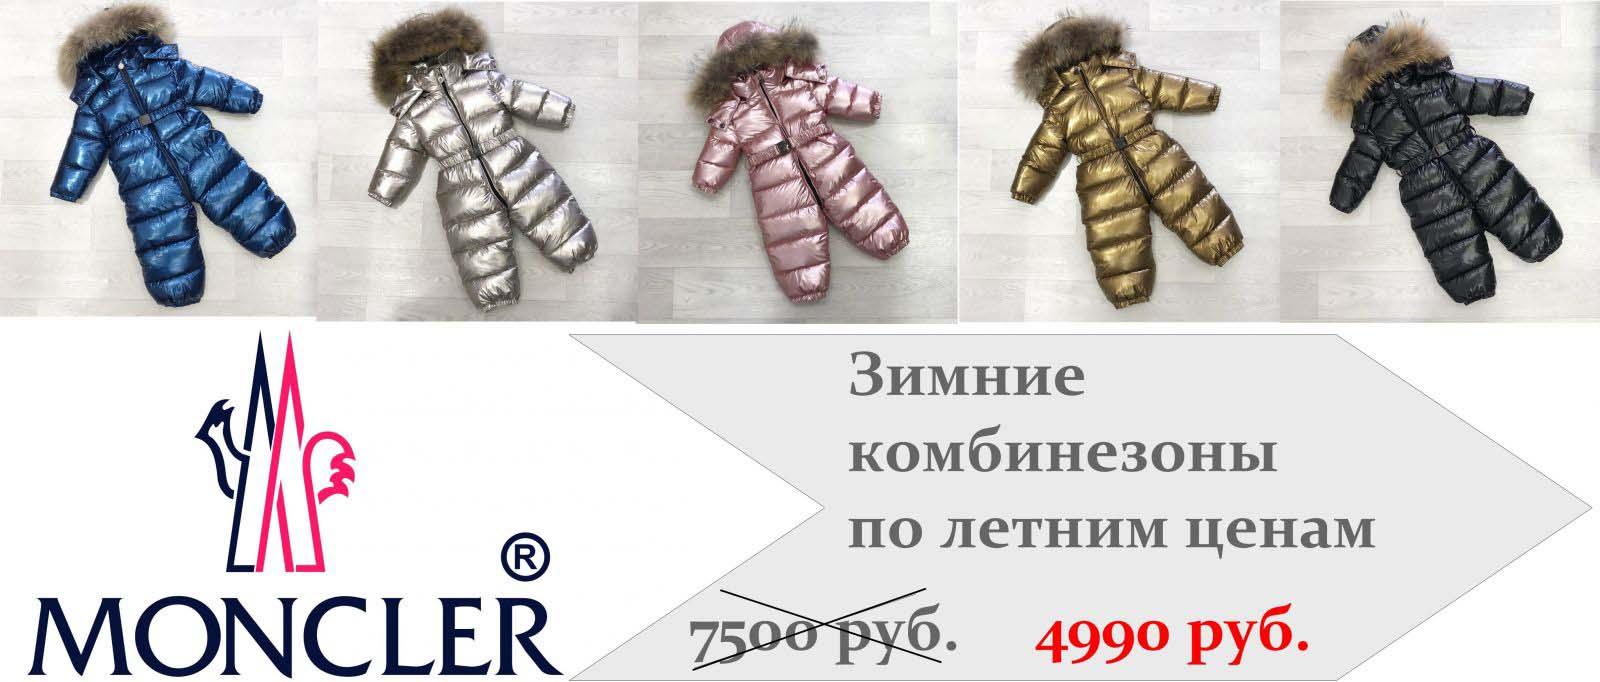 Детские зимние комбинезоны для новорожденных Moncler, натуральный мех, холоофайбер со скидкой. Детские зимние комбинезоны по летним ценам!